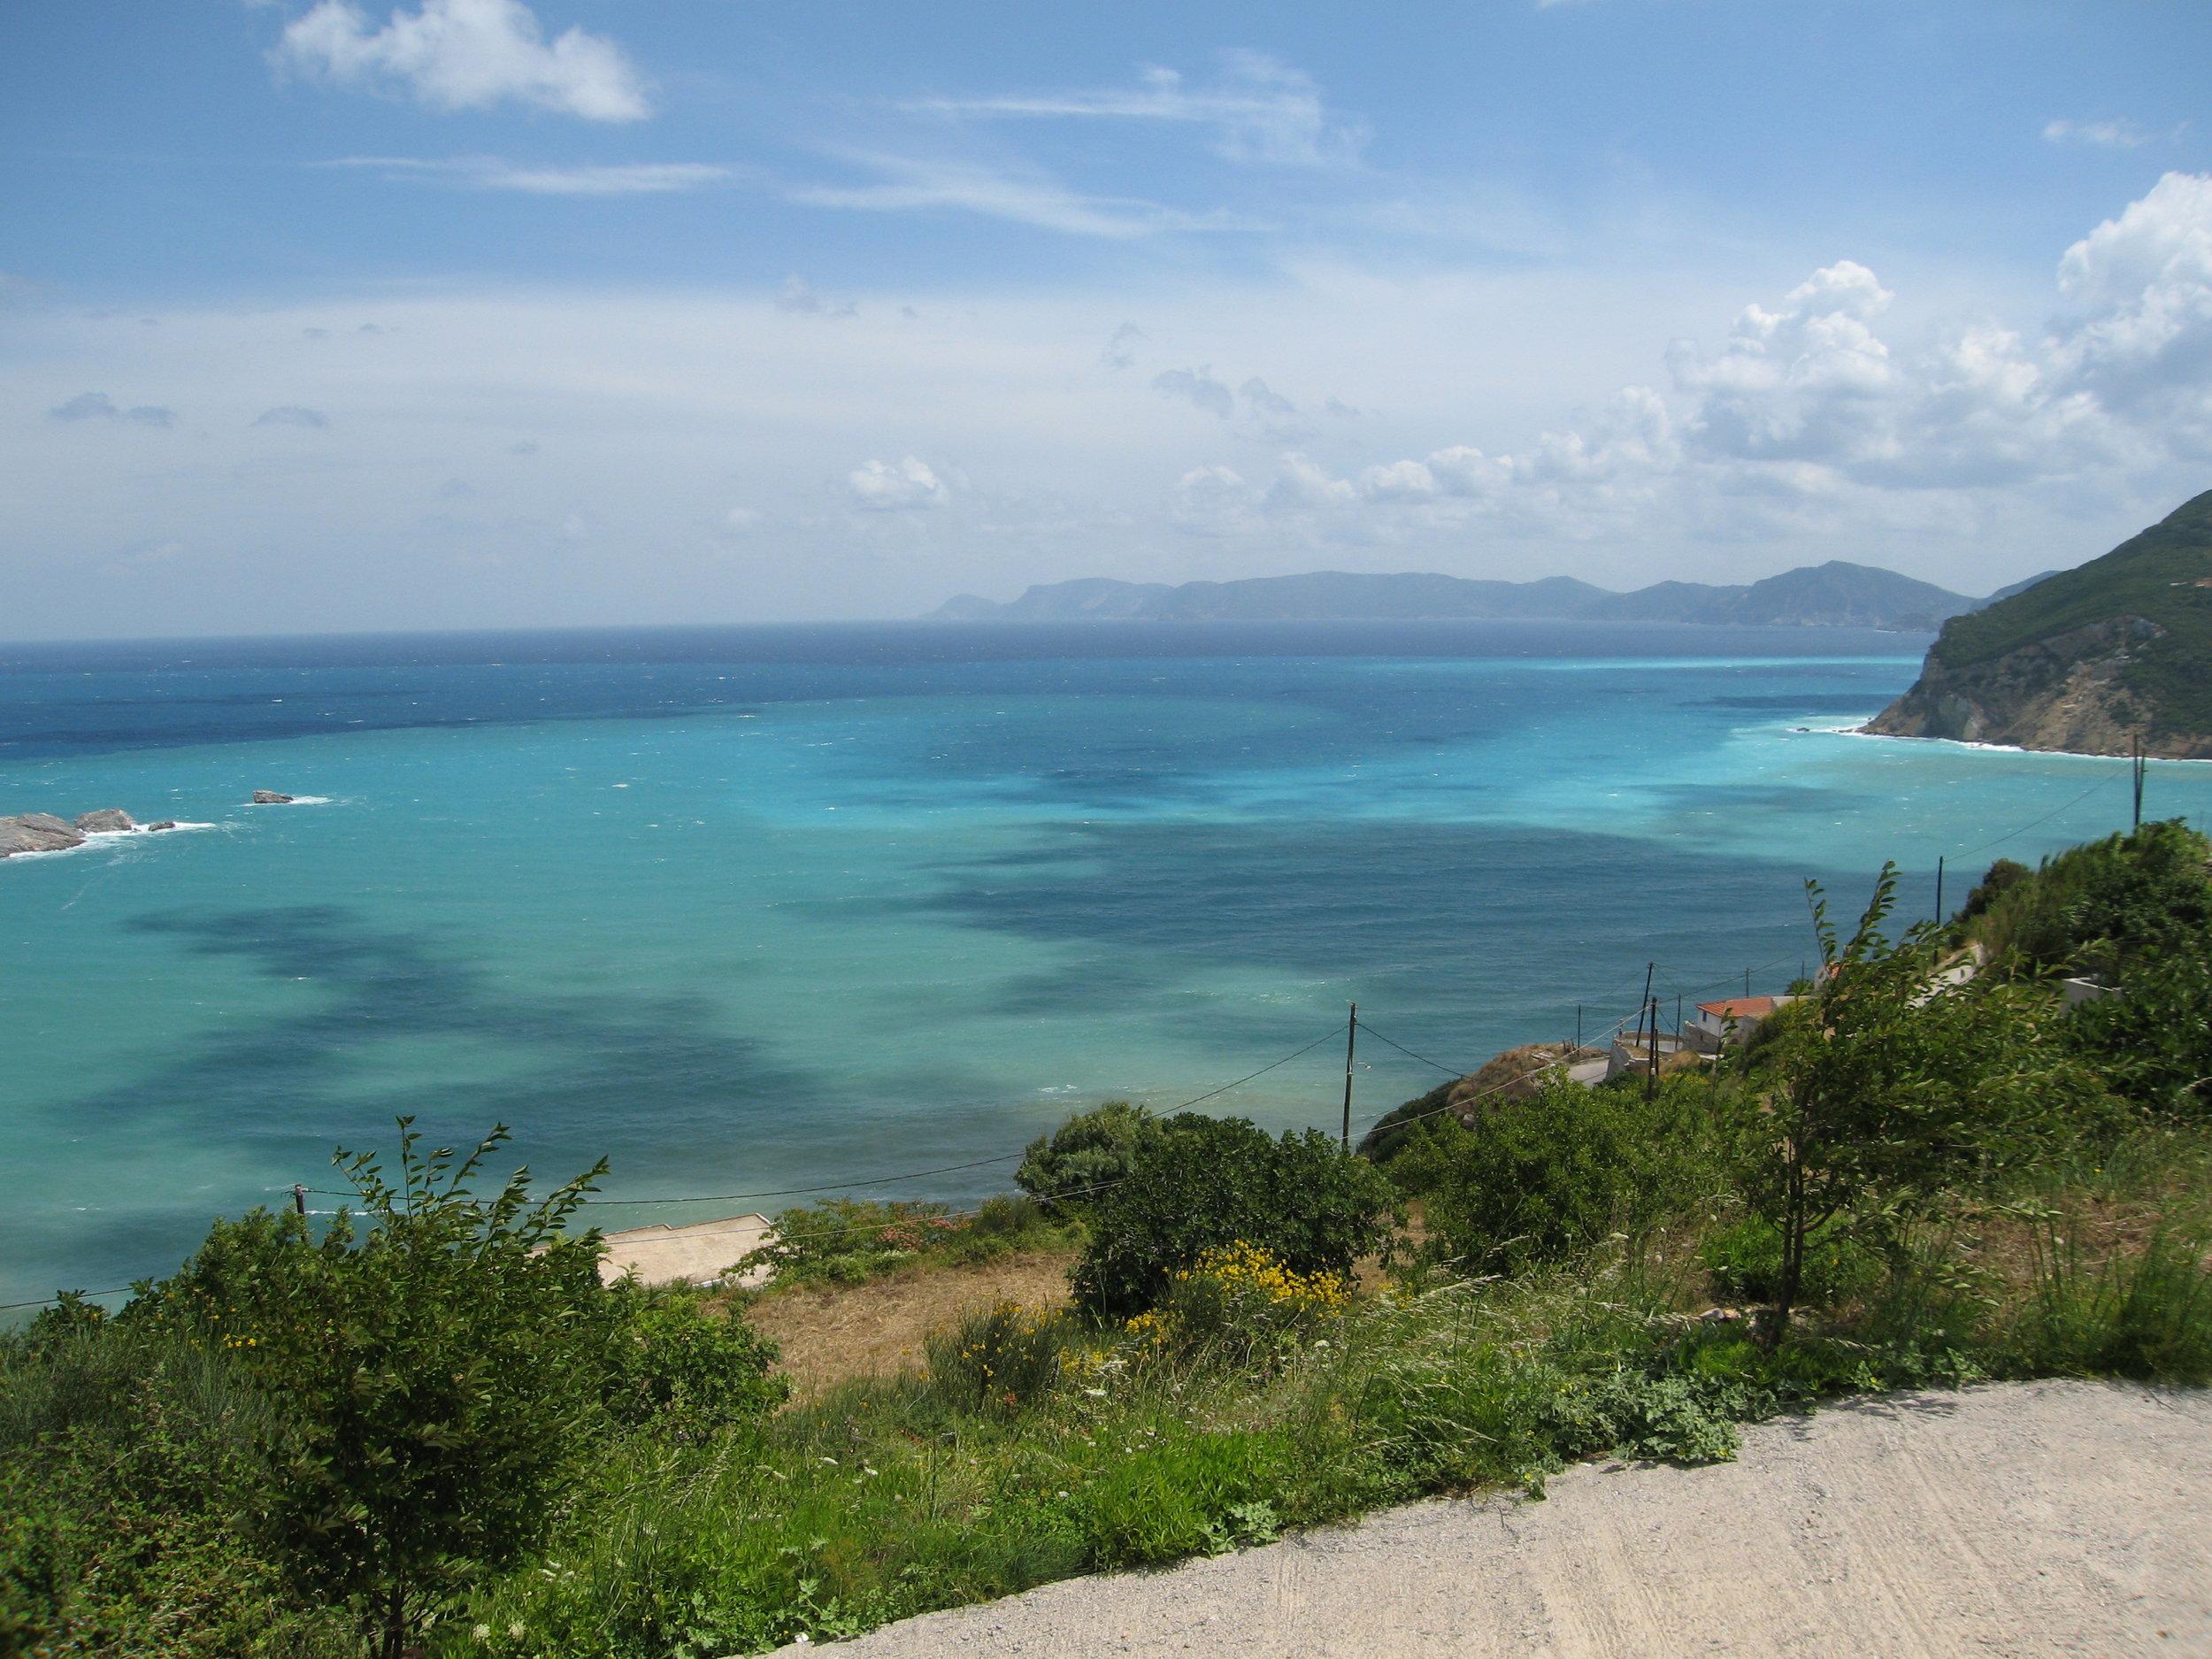 A peaceful, intimate setting on the Aegean Sea -